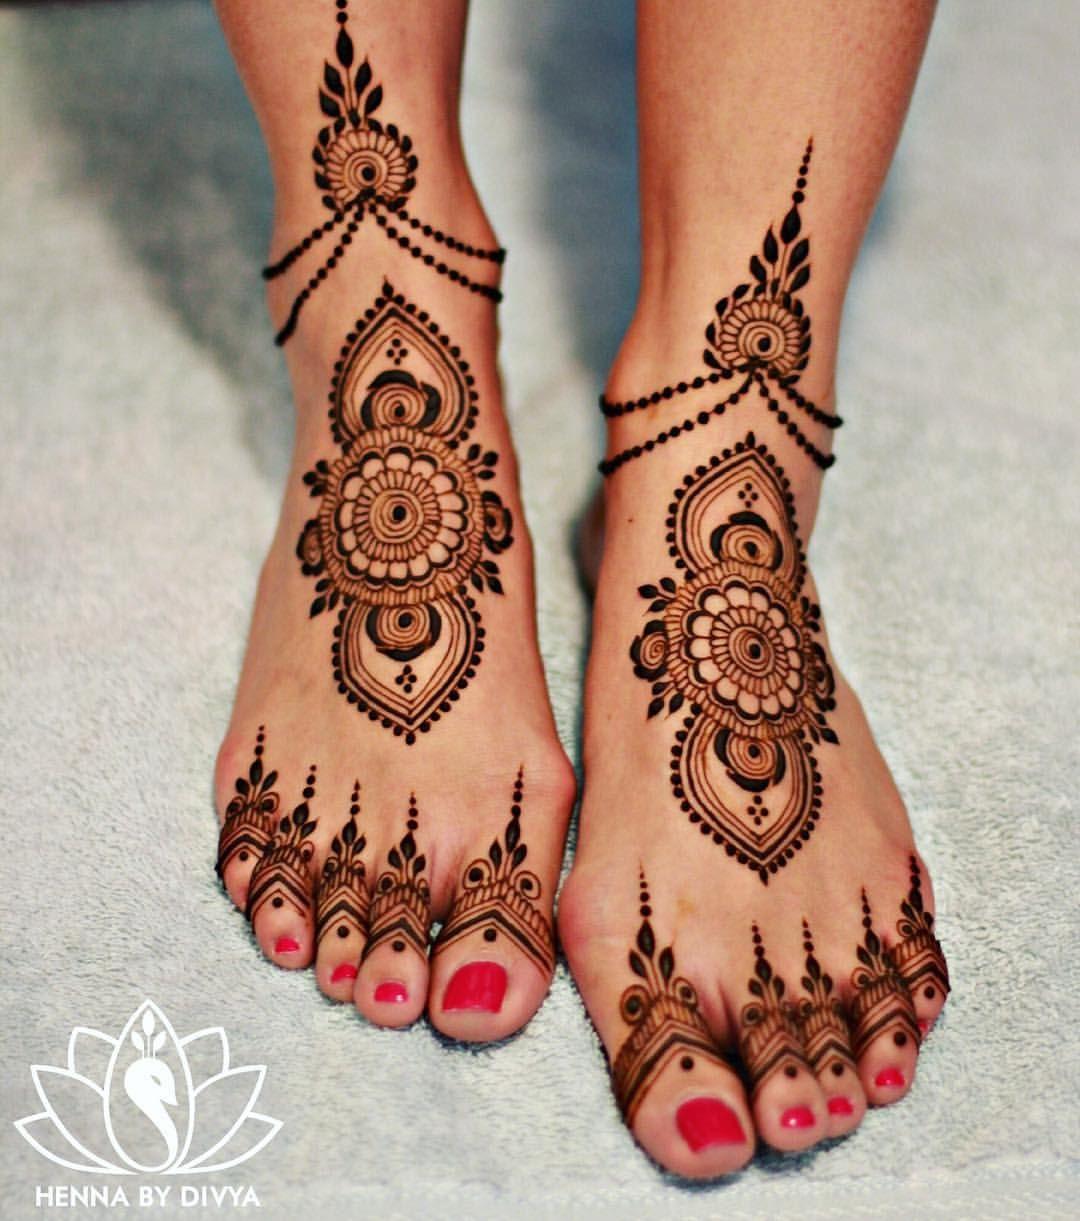 Henna Tattoo Designs On Foot: Pin On Henna & Tattoos